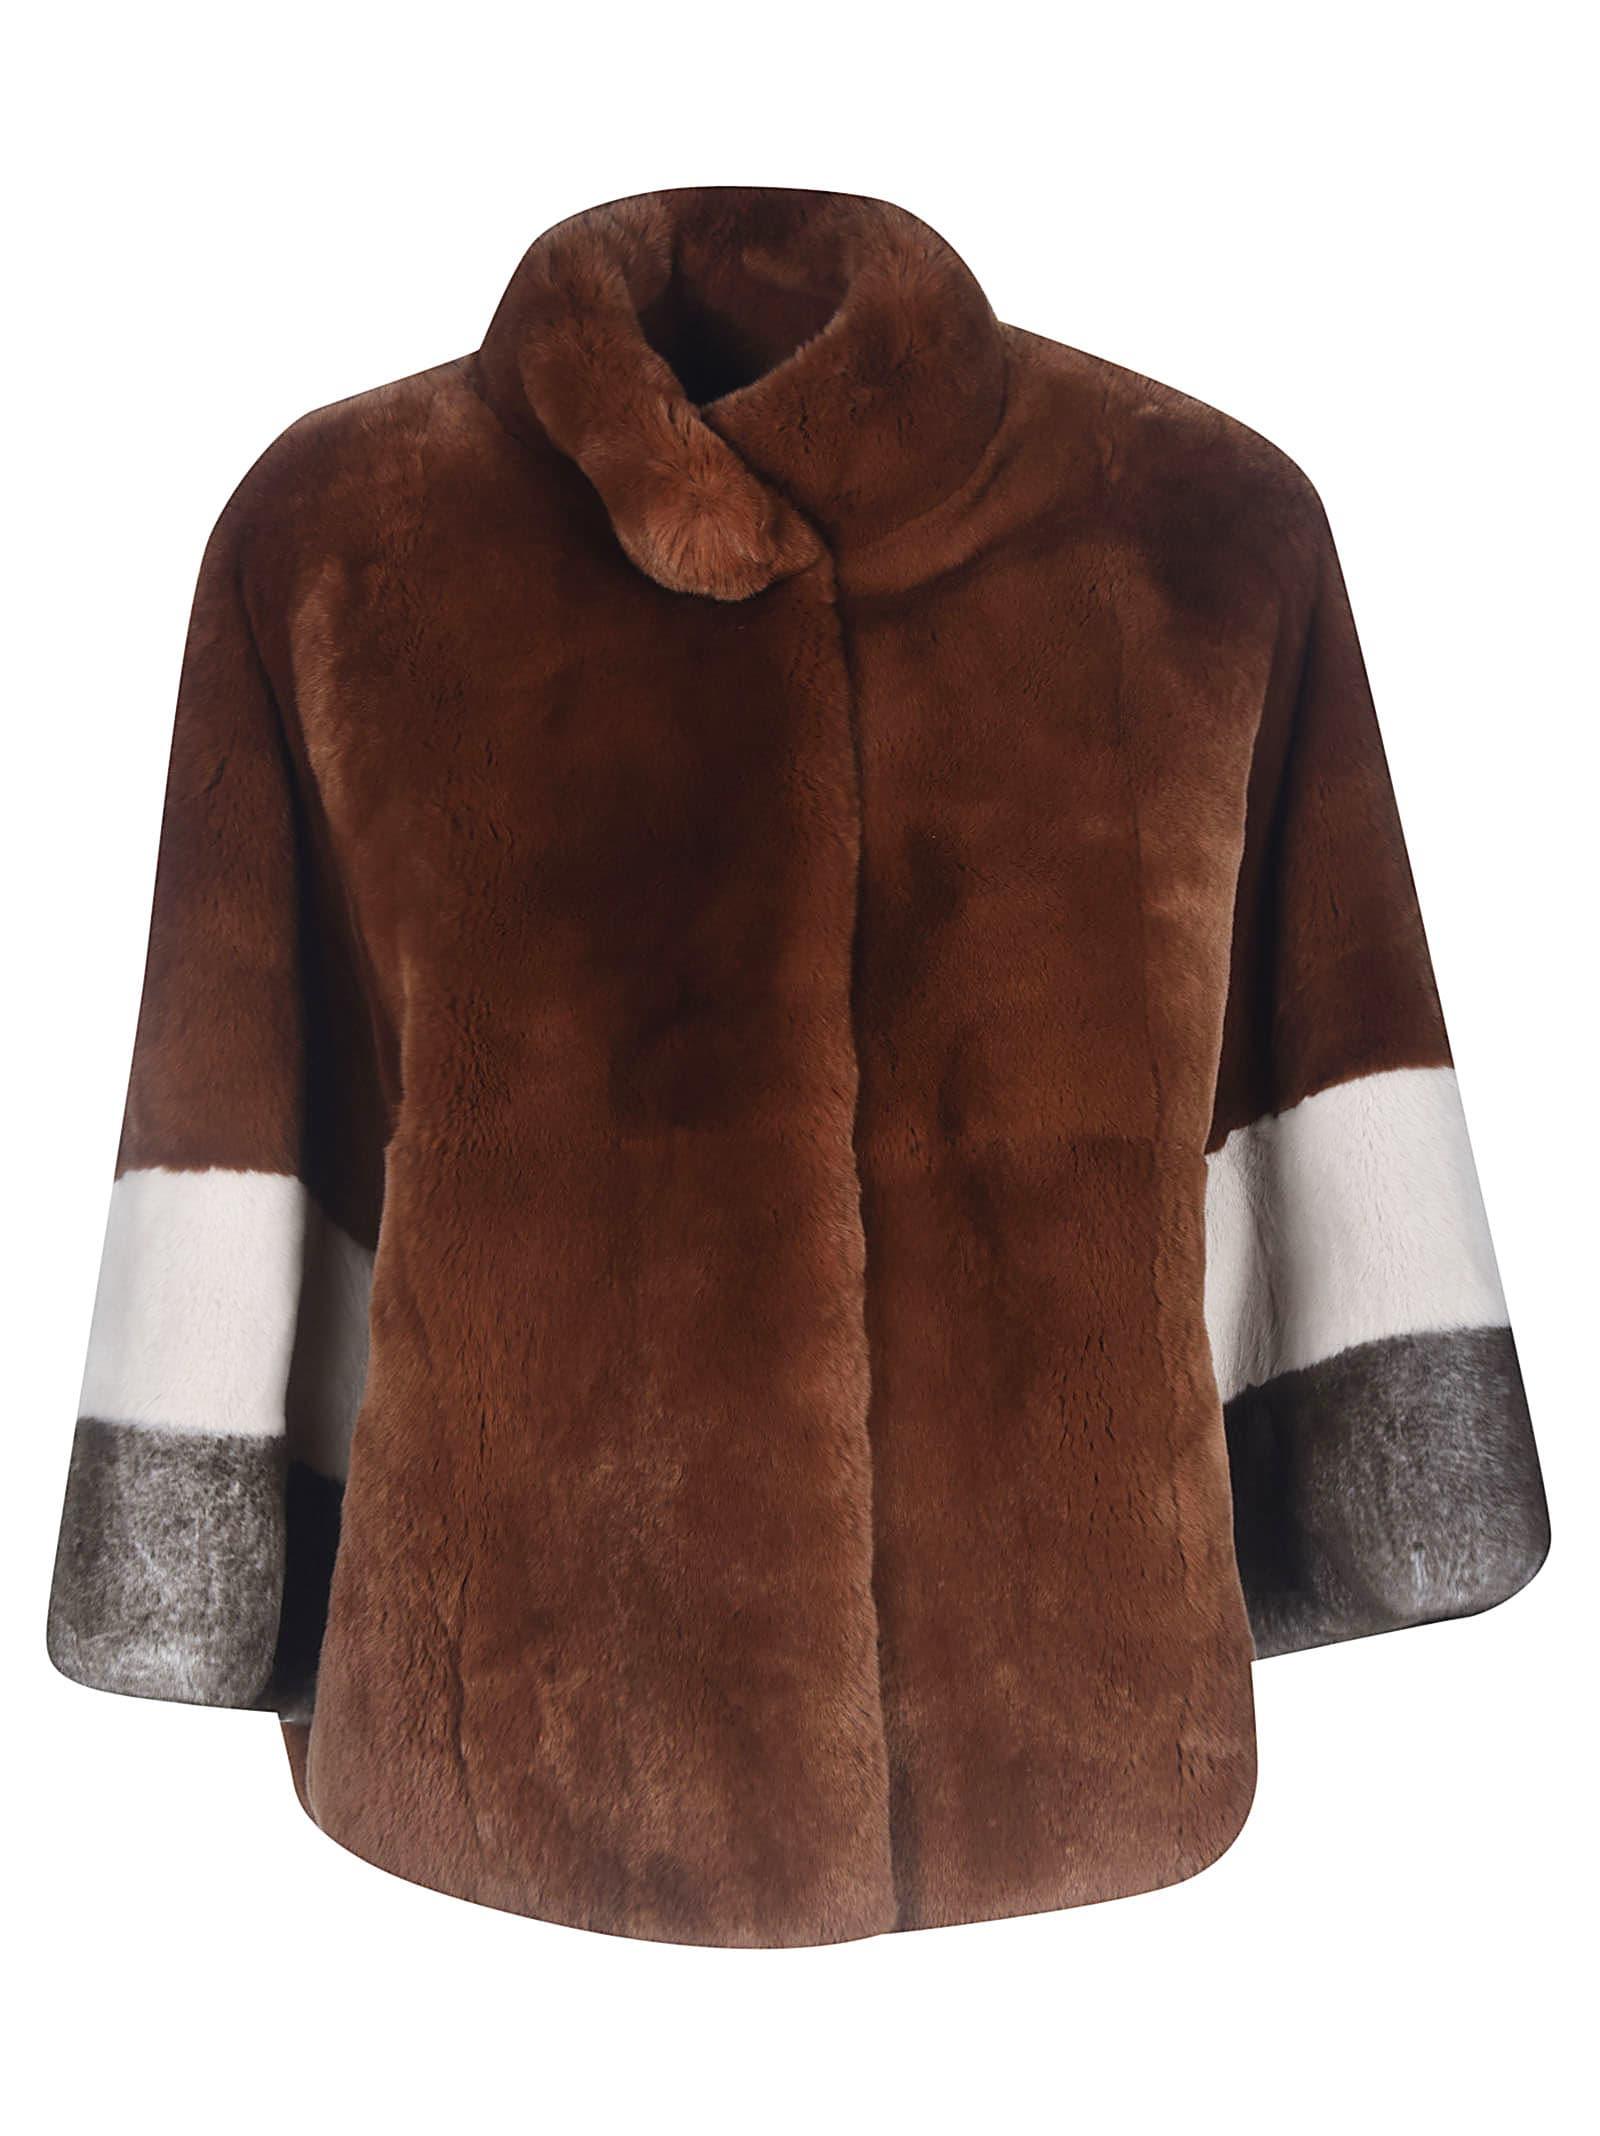 S.W.O.R.D 6.6.44 Stripe Cuff Coat